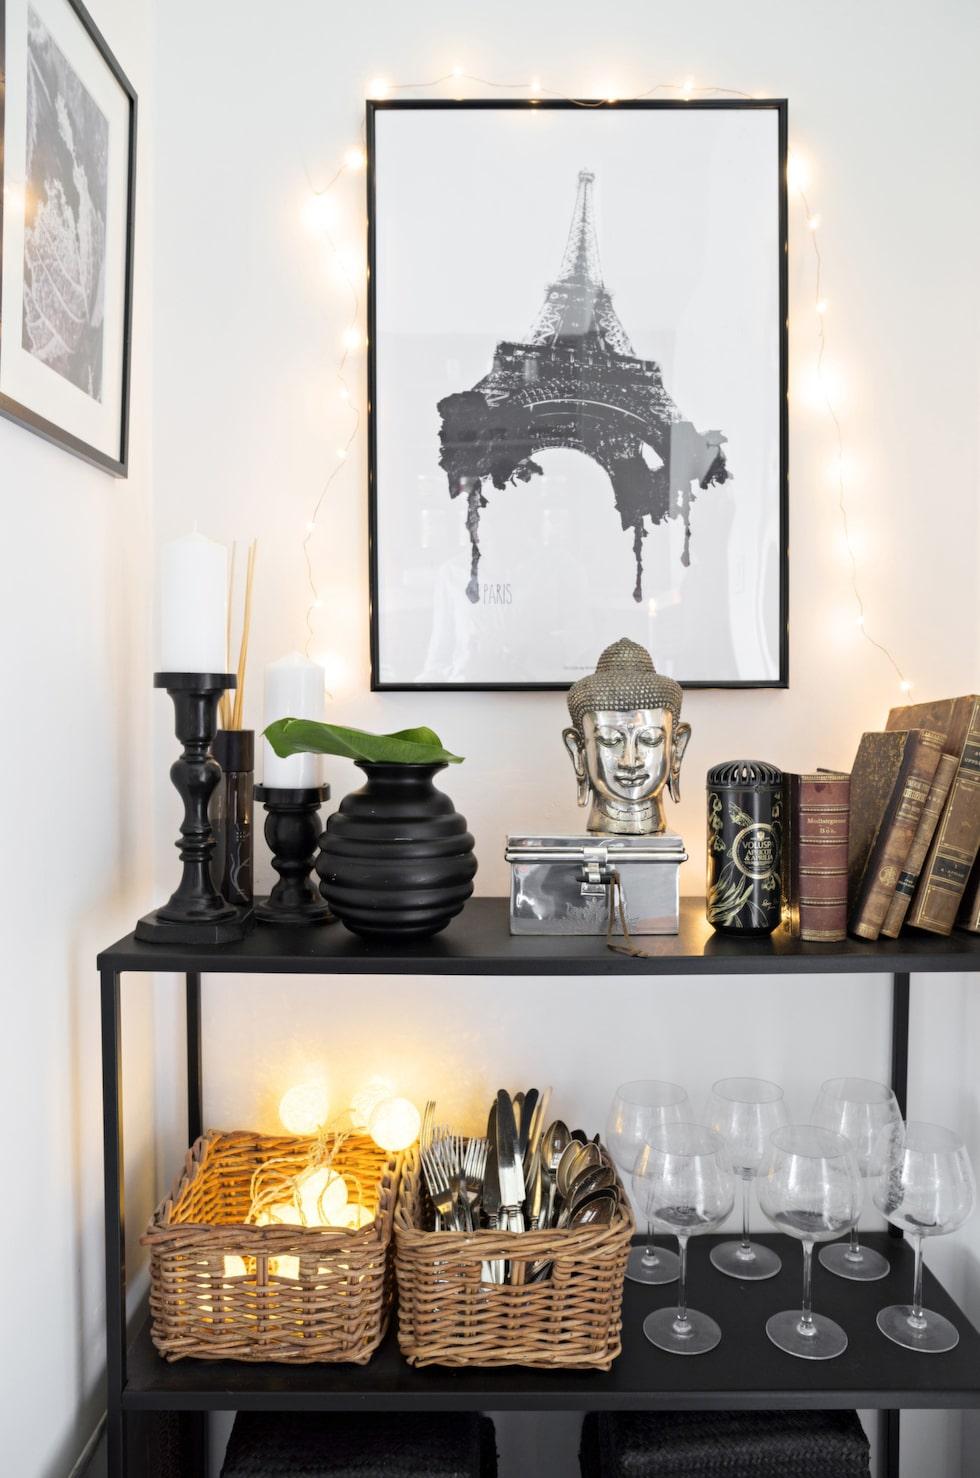 Den svarta plåthyllan från Villa tretton fungerar som extra avställningsyta i köket och rymmer även bestick och glas. Posters på väggen från Desenio.